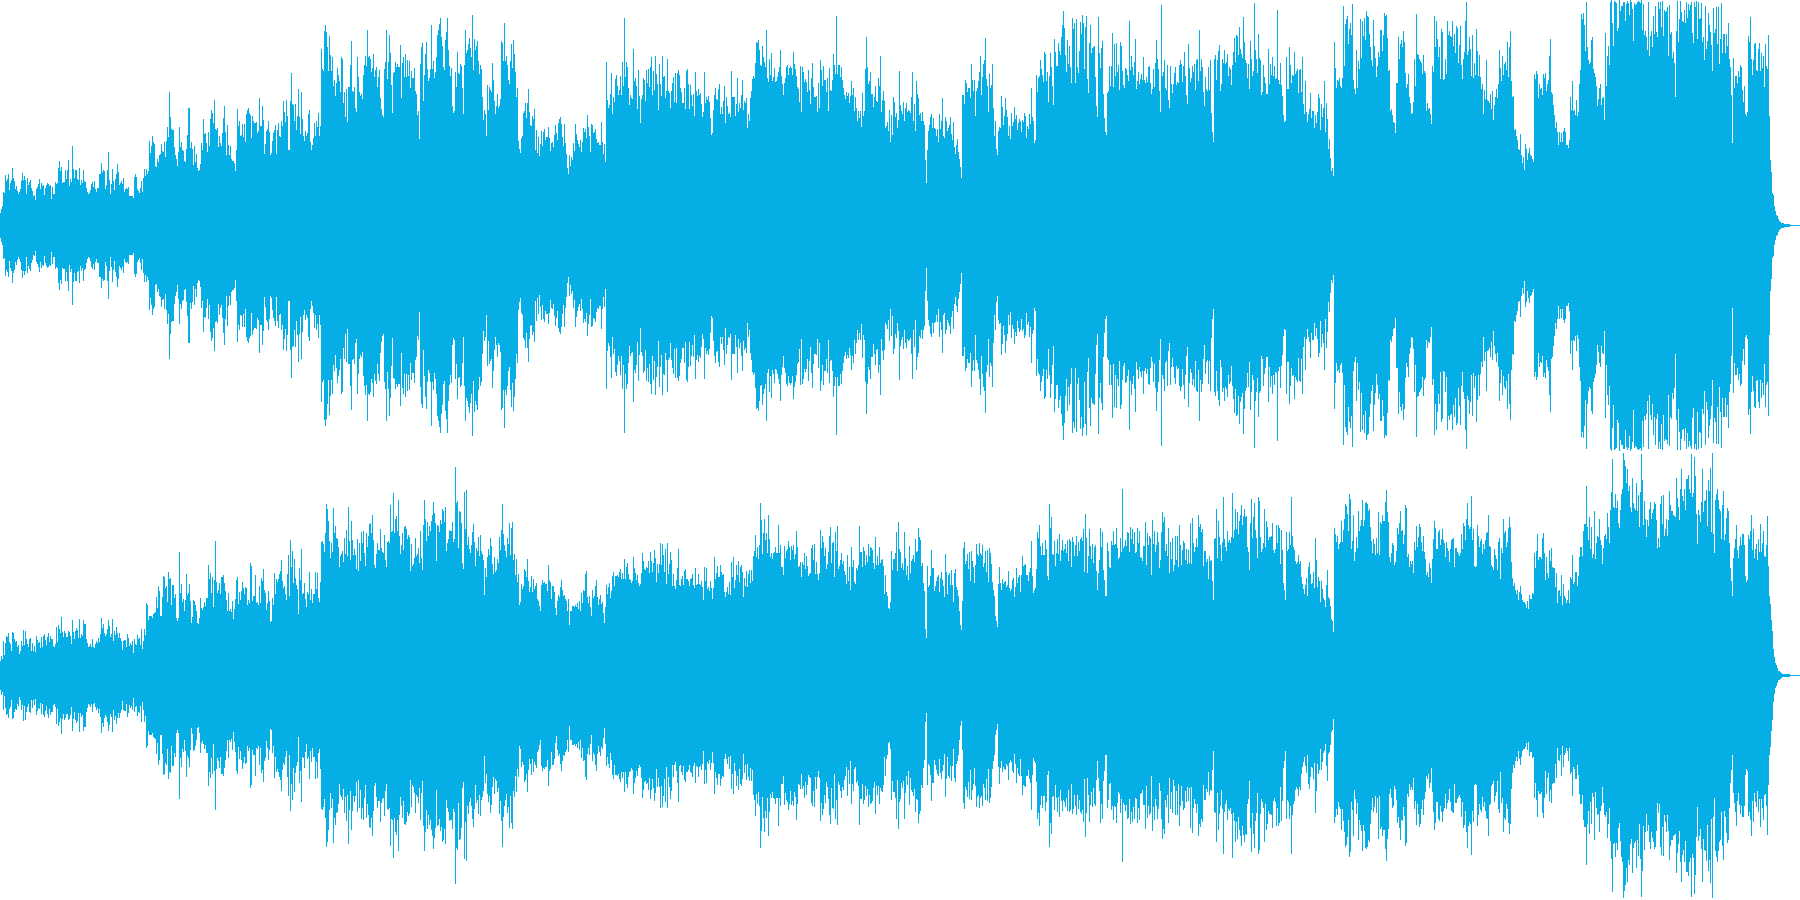 ドビッシーのピアノ曲夢をシンセで弾いたの再生済みの波形